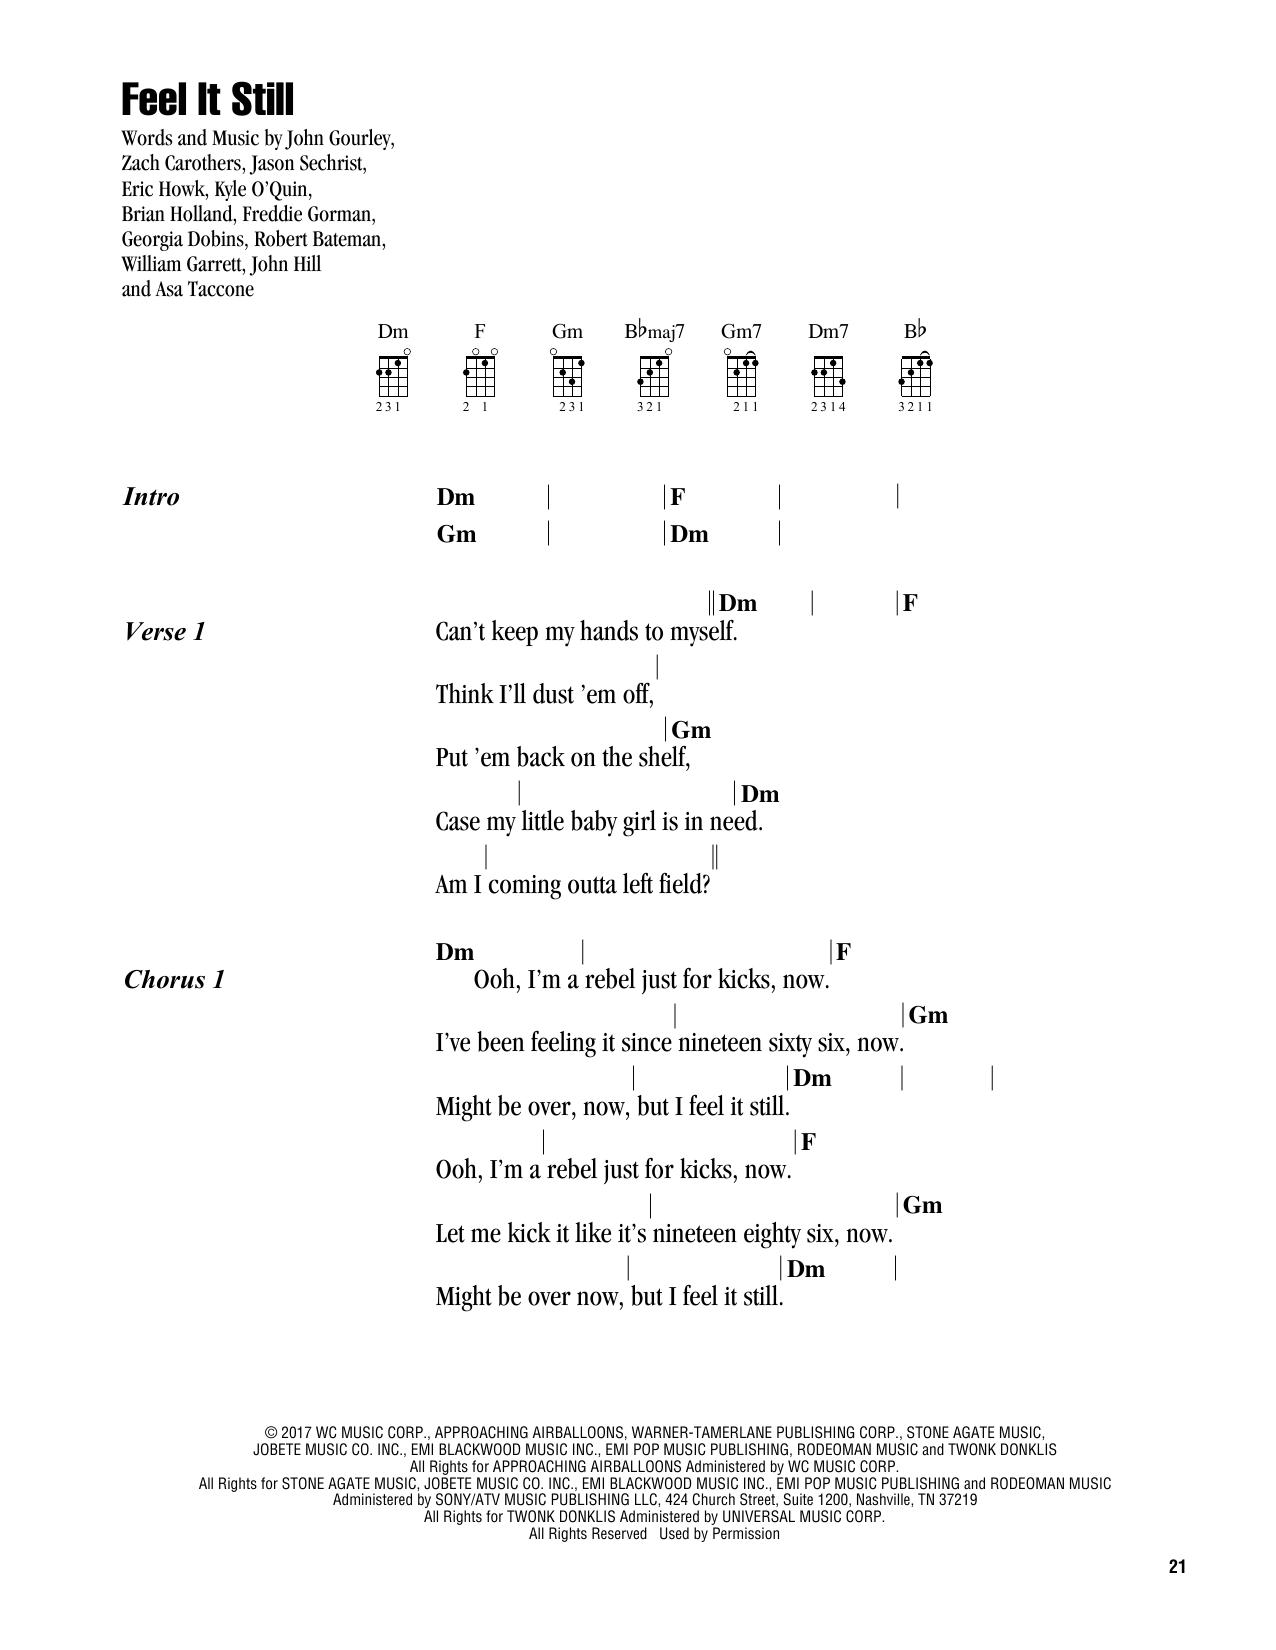 Feel It Still (Ukulele Chords/Lyrics)